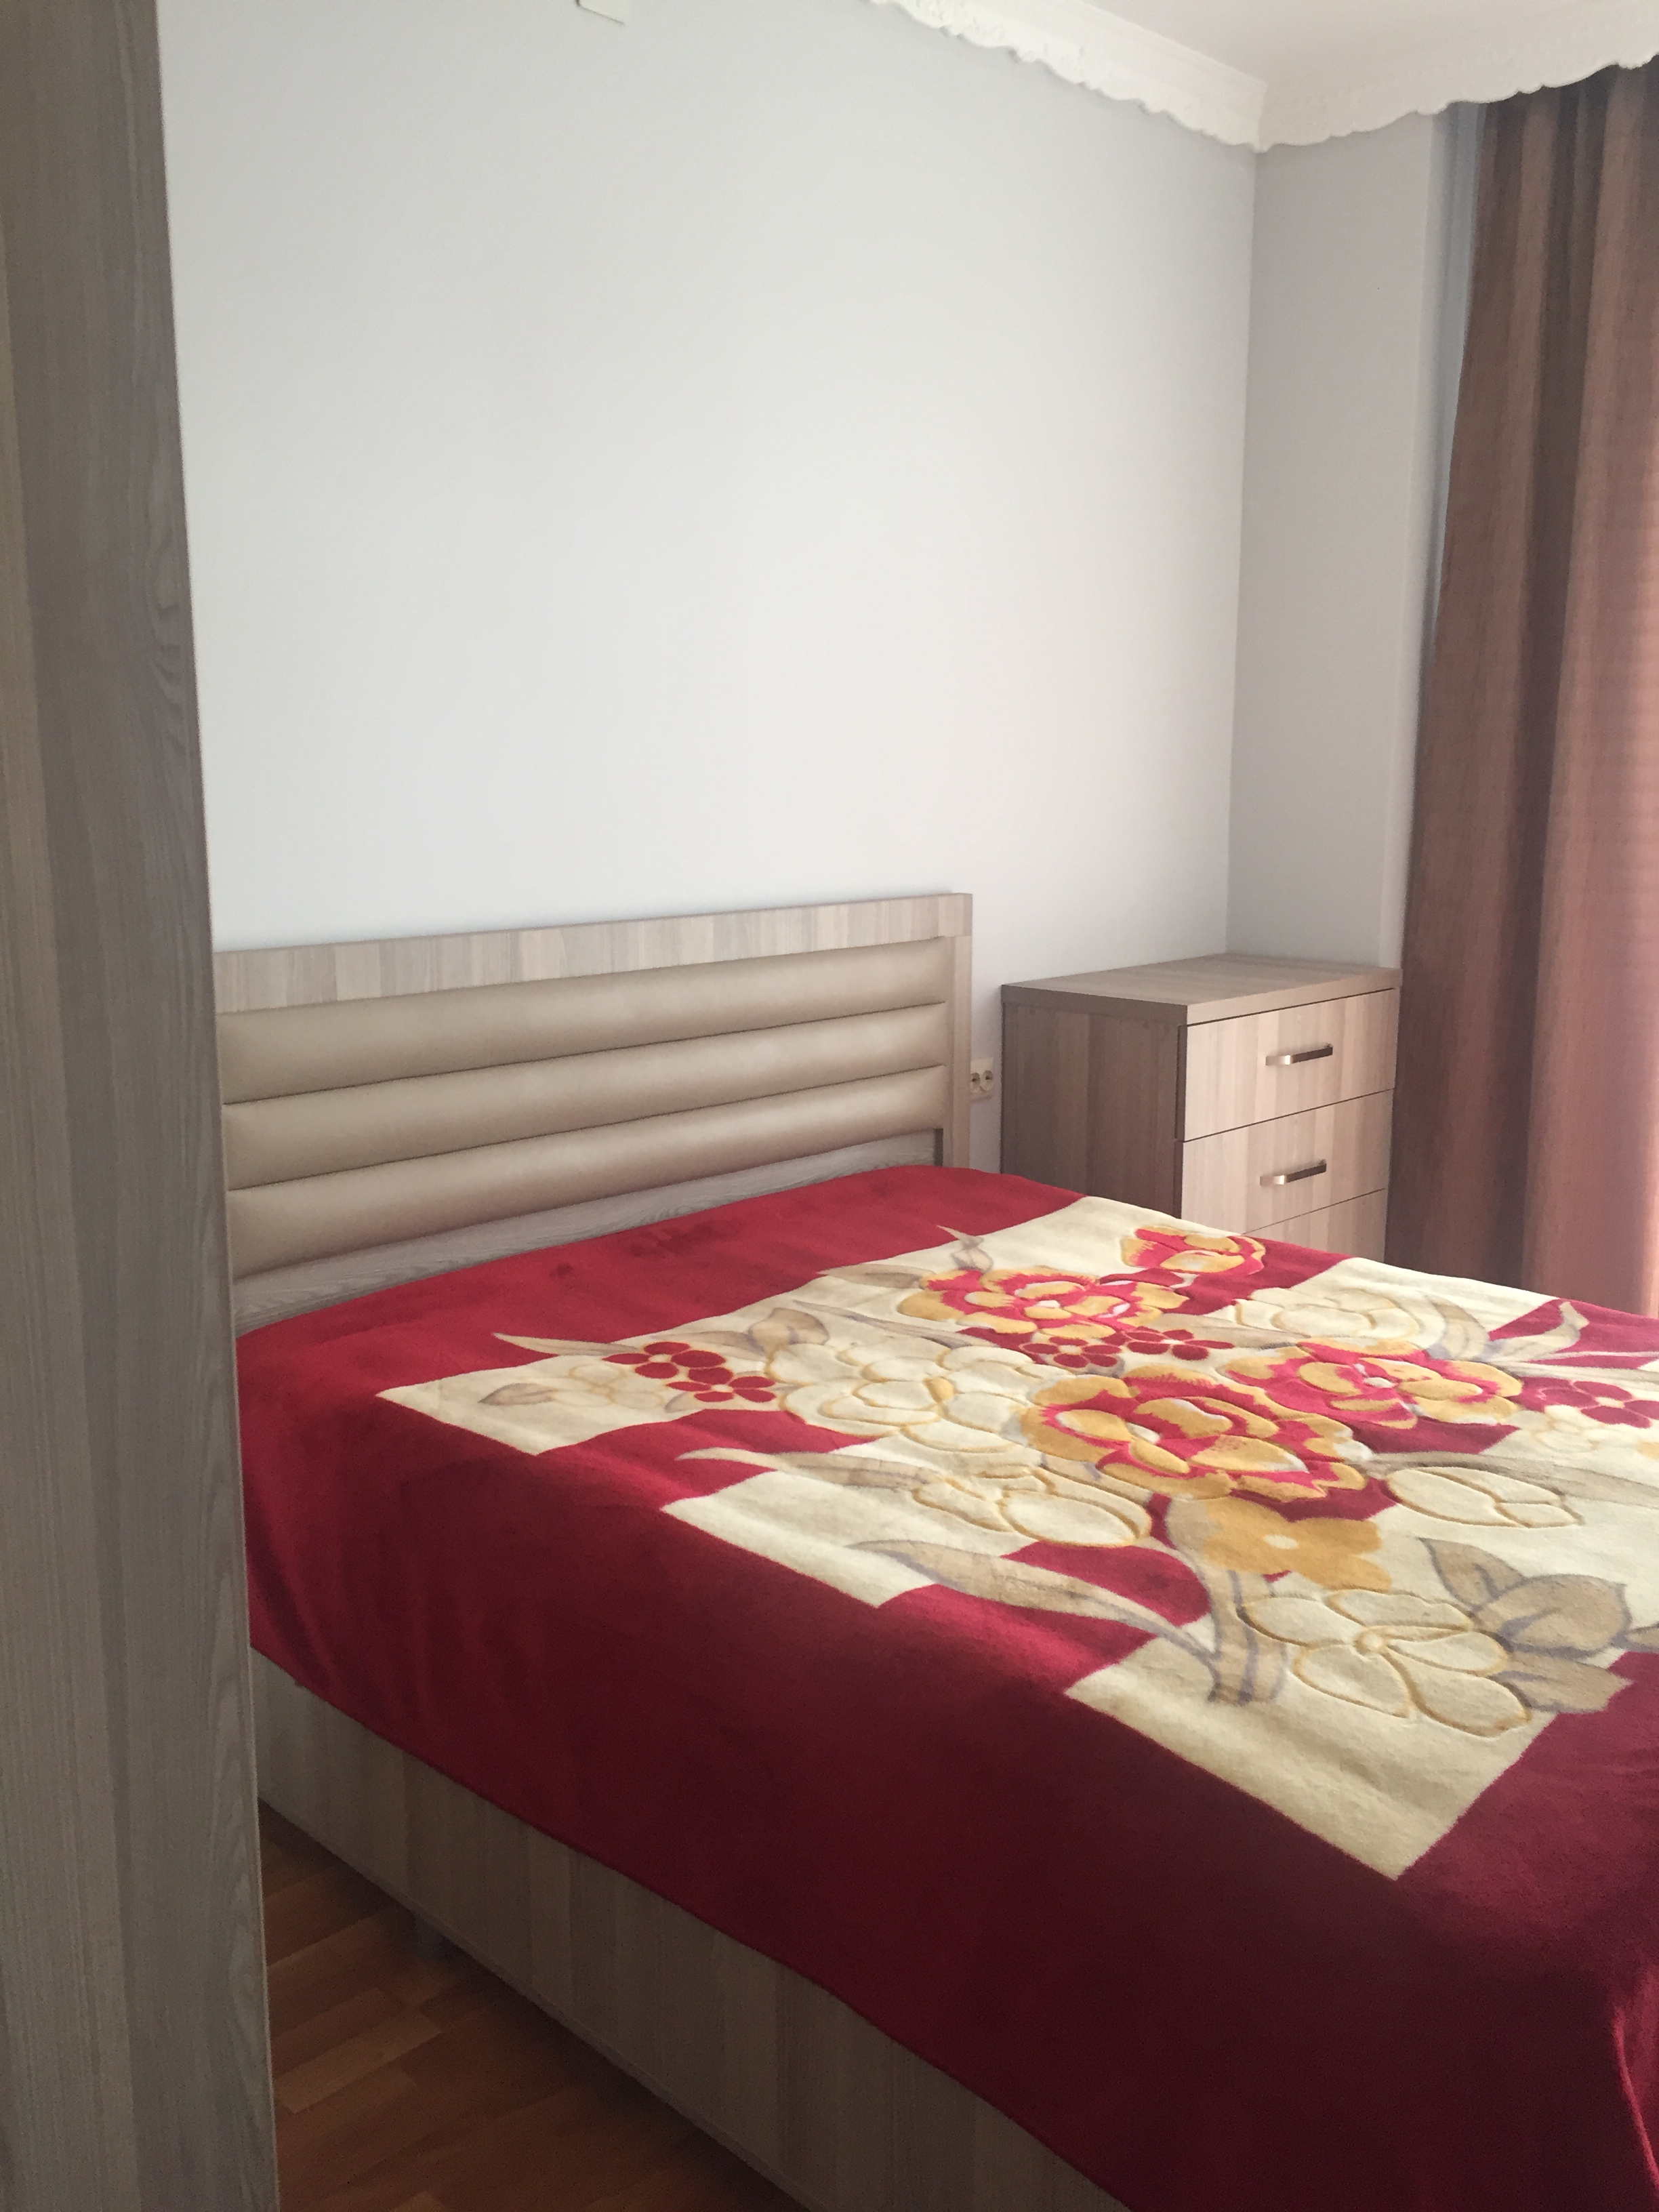 Новые уютные апартаменты на Чавчавадзе